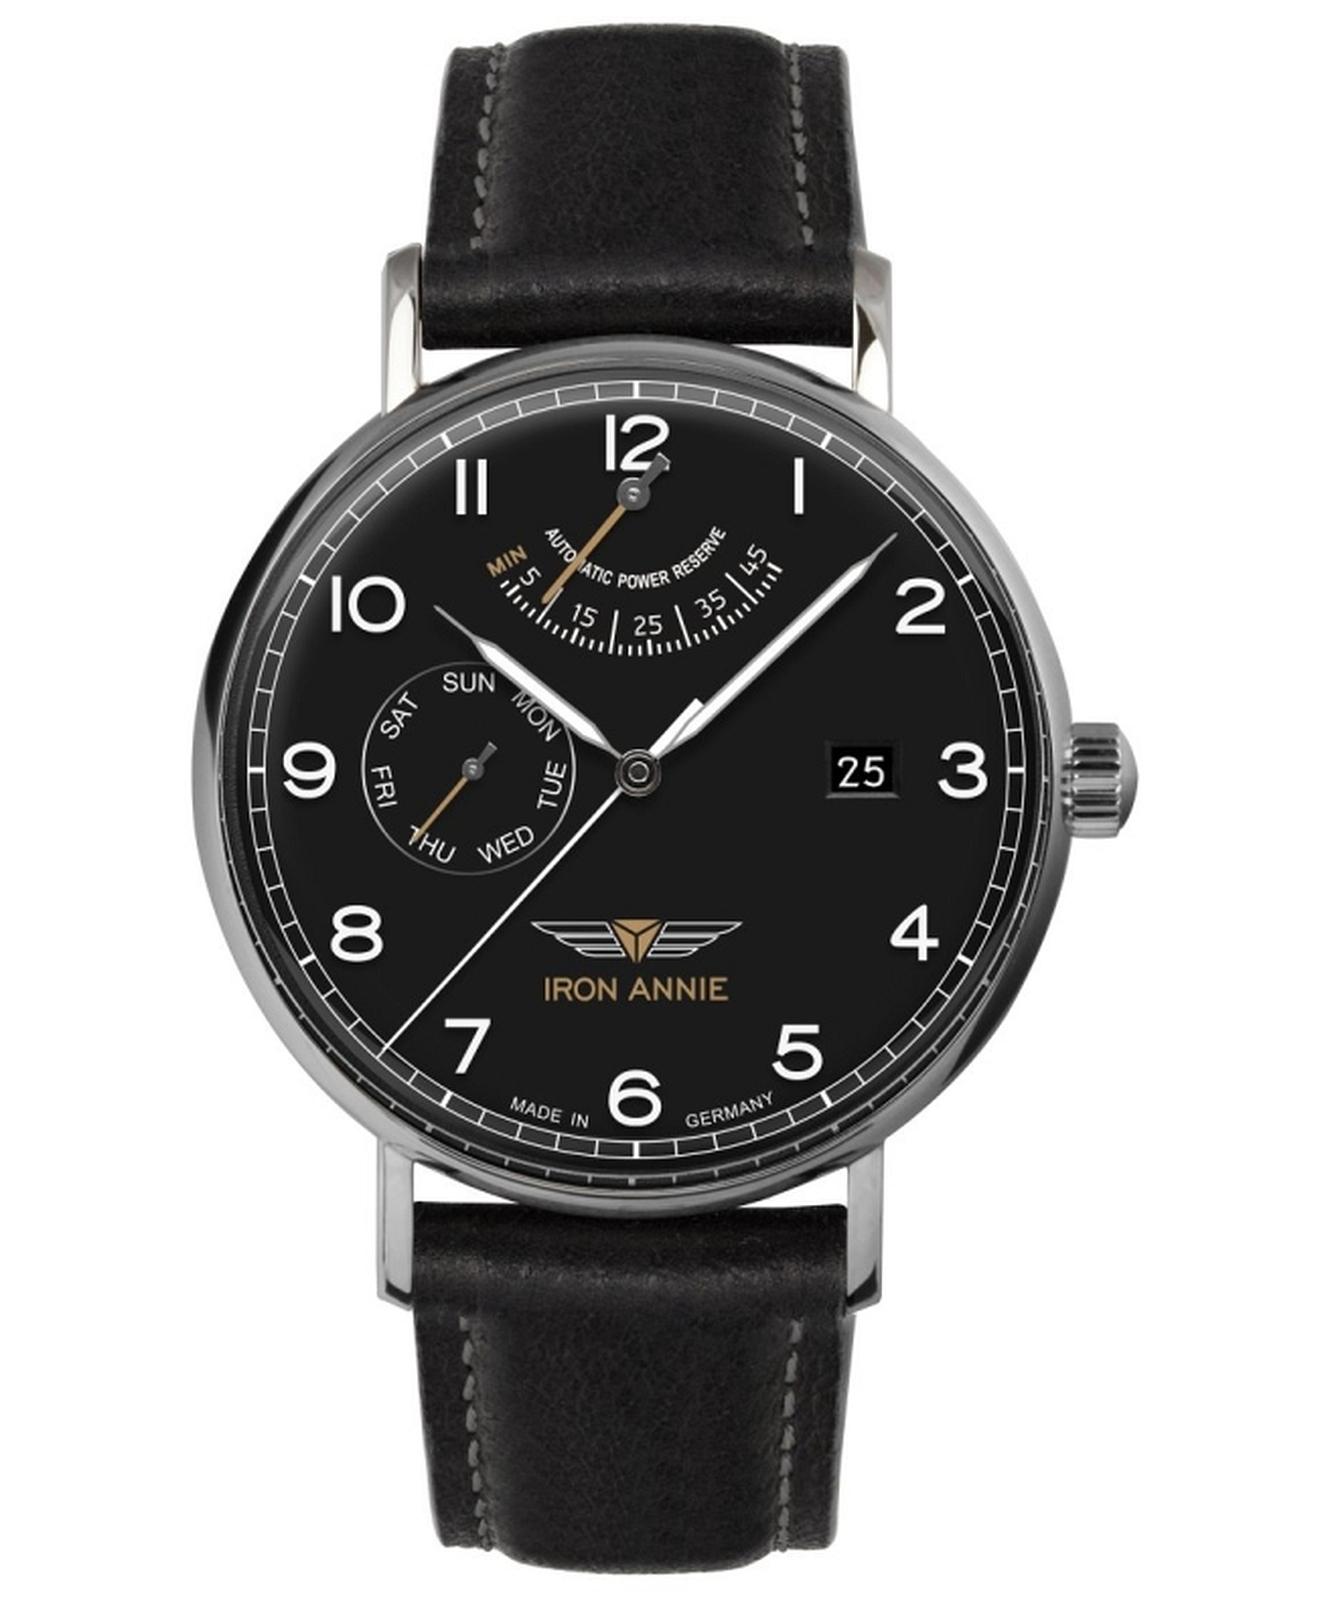 zegarek-meski-iron-annie-d-aqui-automatik-ia-5960-2